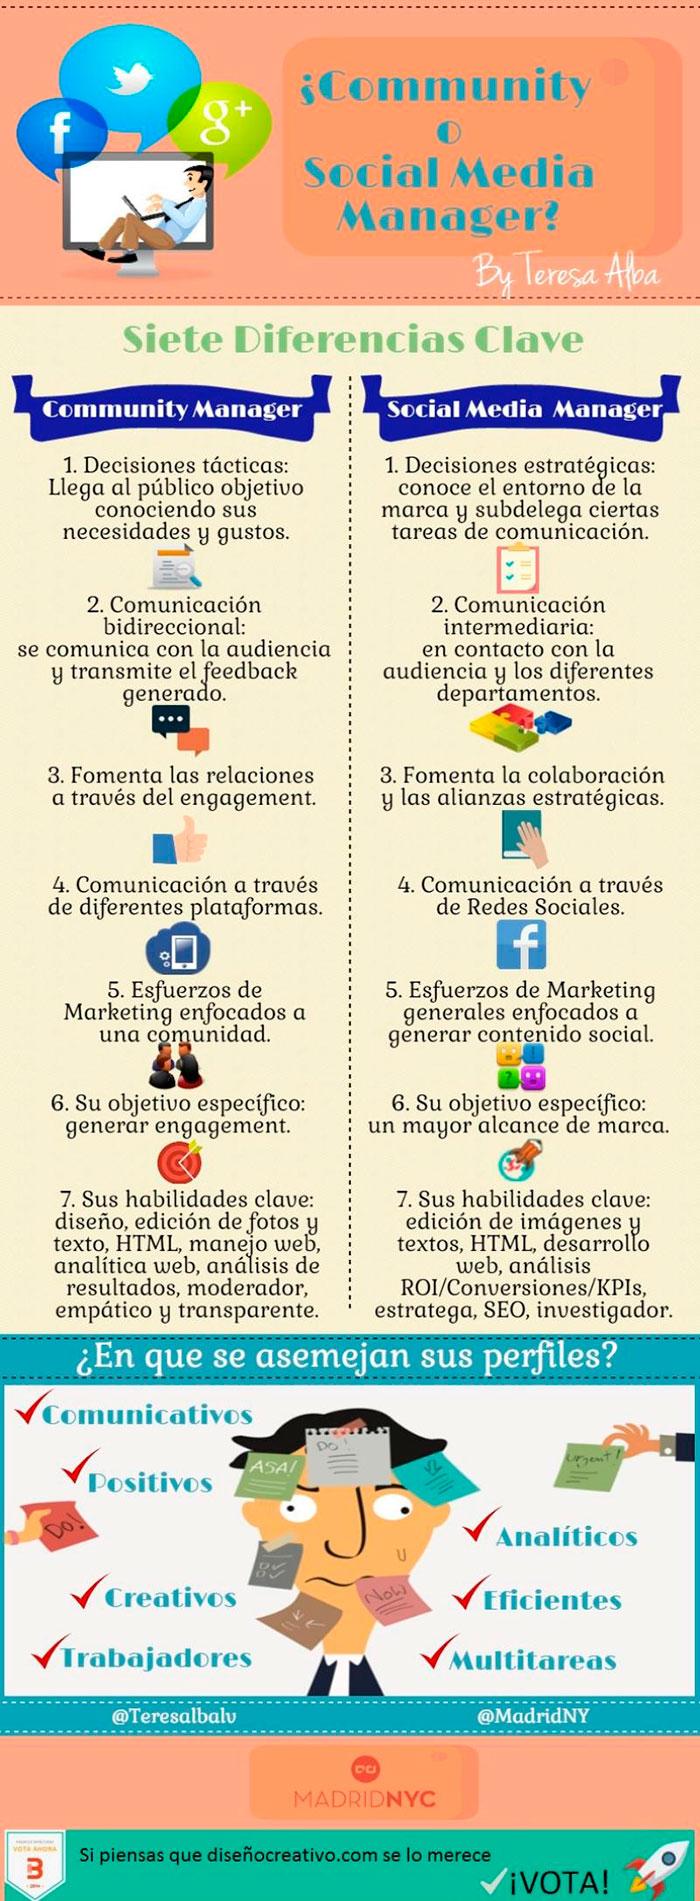 Infografia sobre las diferencias entre community y social media manager